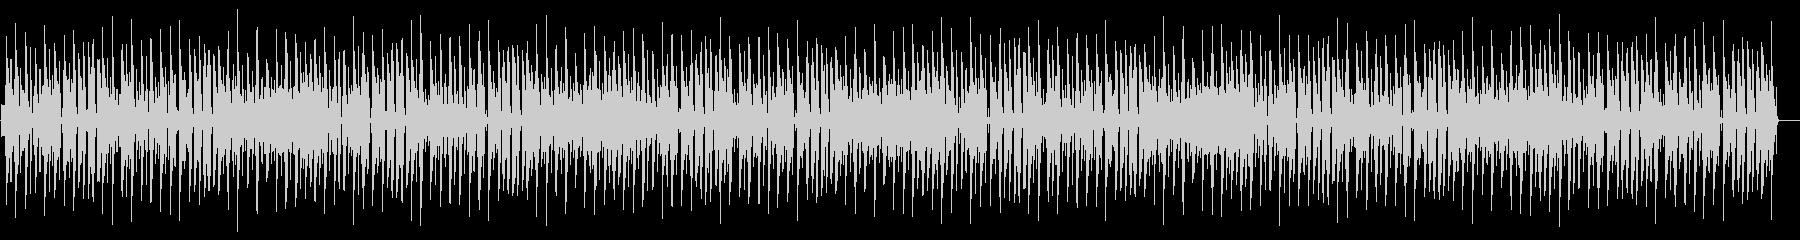 ほのぼの脱力系「凱旋行進曲」サッカーの曲の未再生の波形